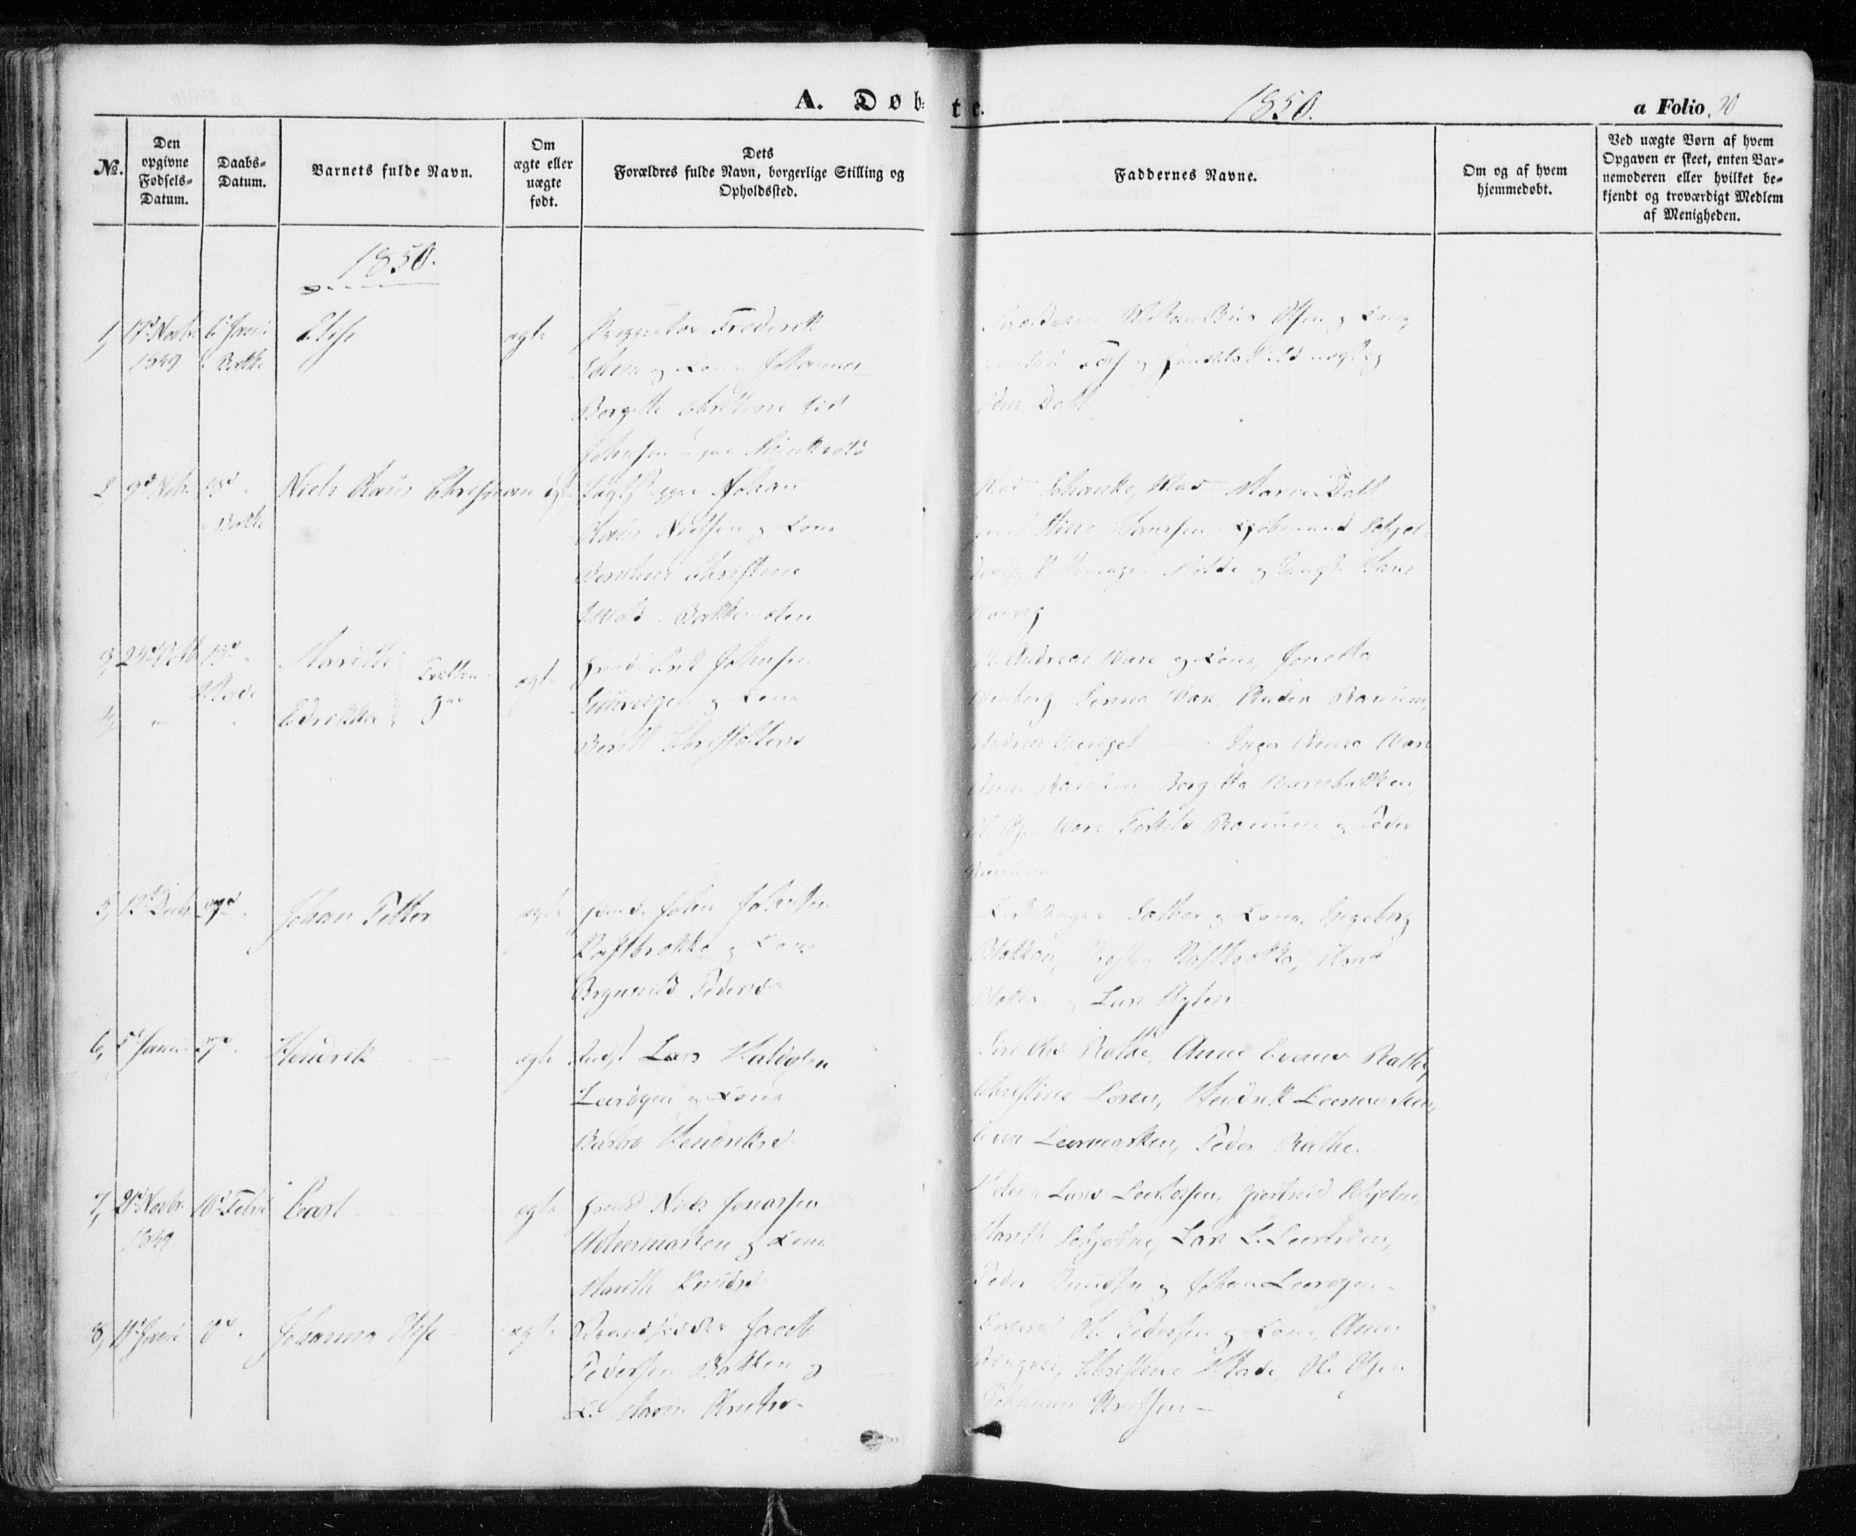 SAT, Ministerialprotokoller, klokkerbøker og fødselsregistre - Sør-Trøndelag, 606/L0291: Ministerialbok nr. 606A06, 1848-1856, s. 30